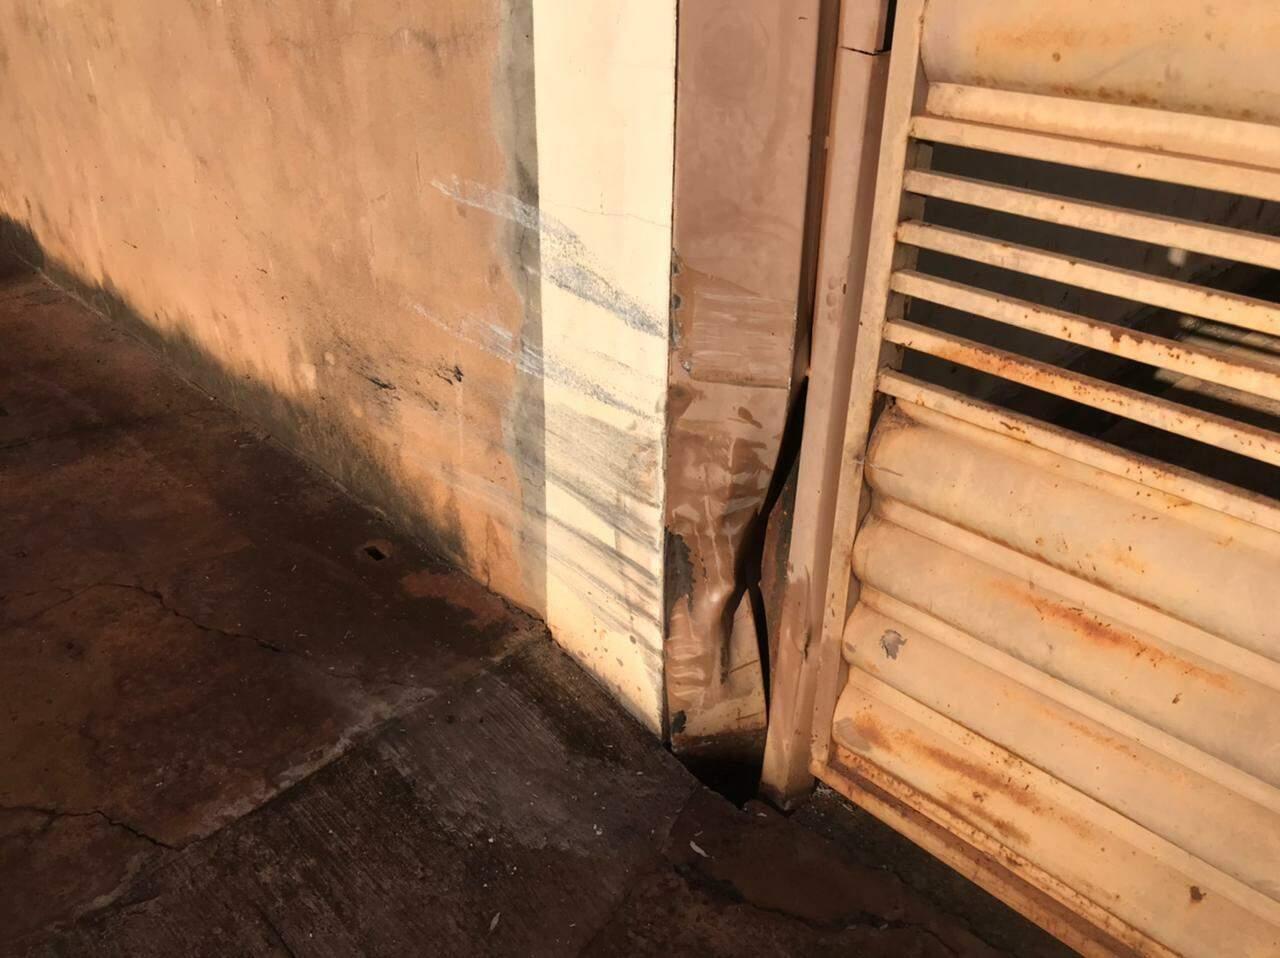 Estrago causado no portão após o carro da vítima bater no local. (Foto: Bruna Marques)